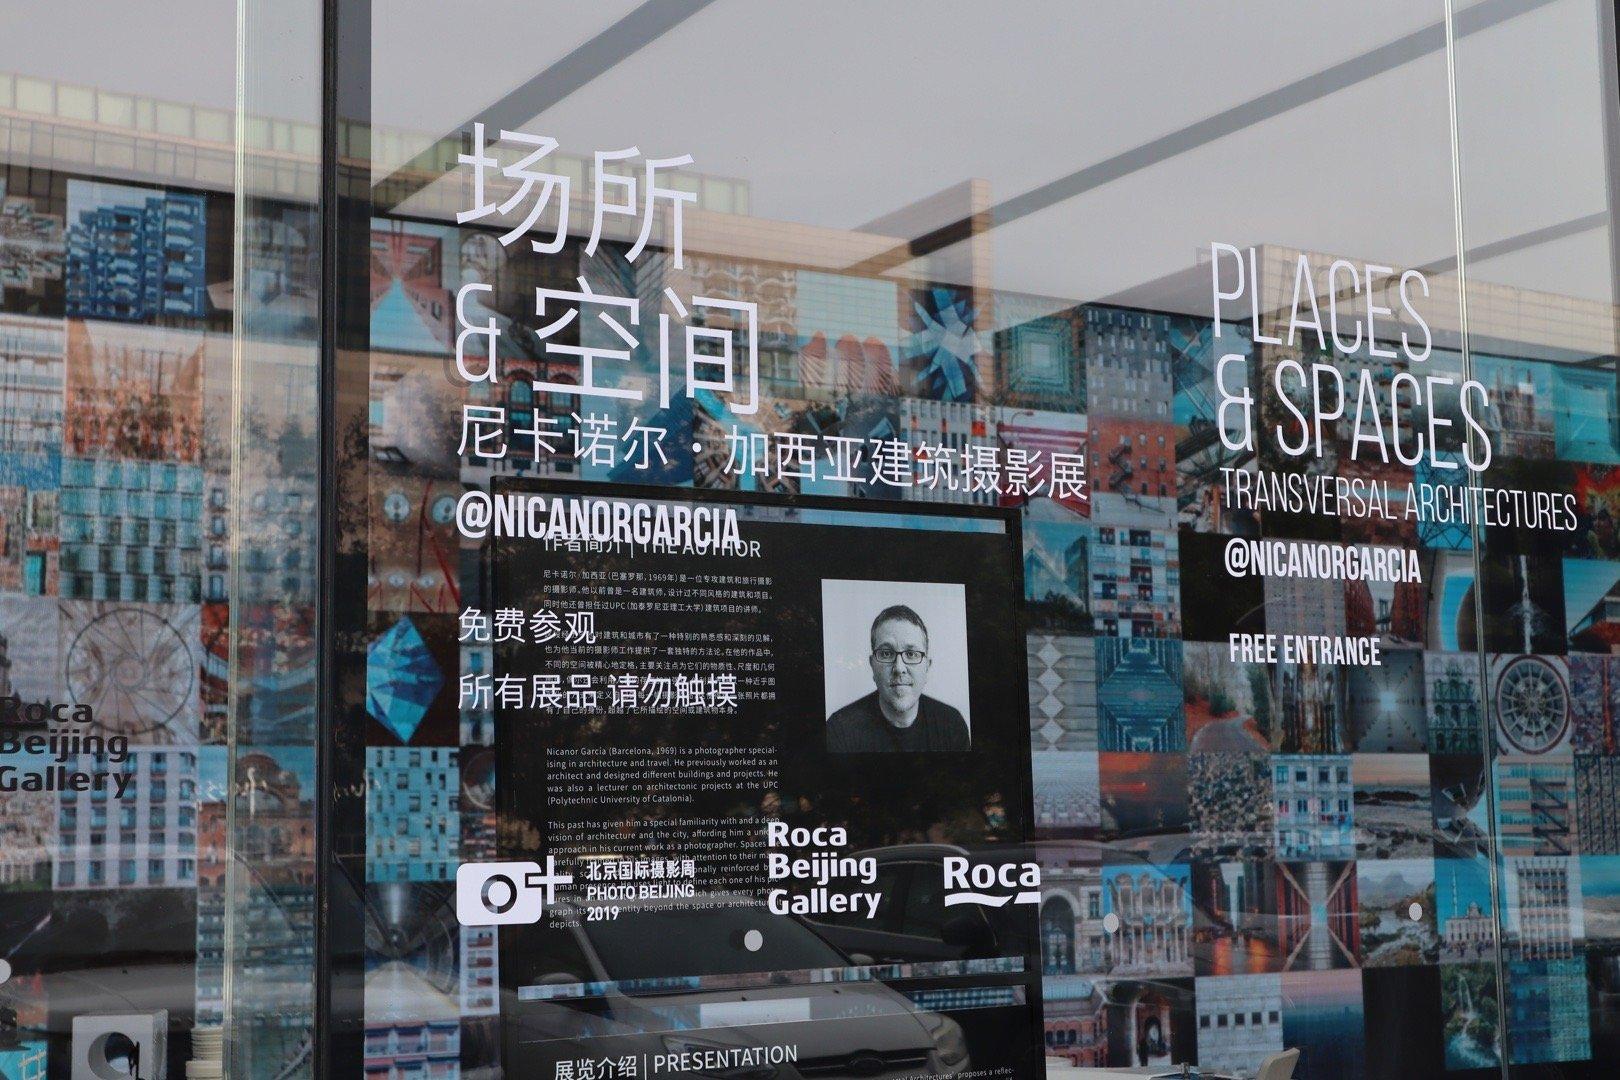 Roca北京艺术廊《场所&空间》影展正式开幕咯~西班牙摄影师尼卡诺尔·